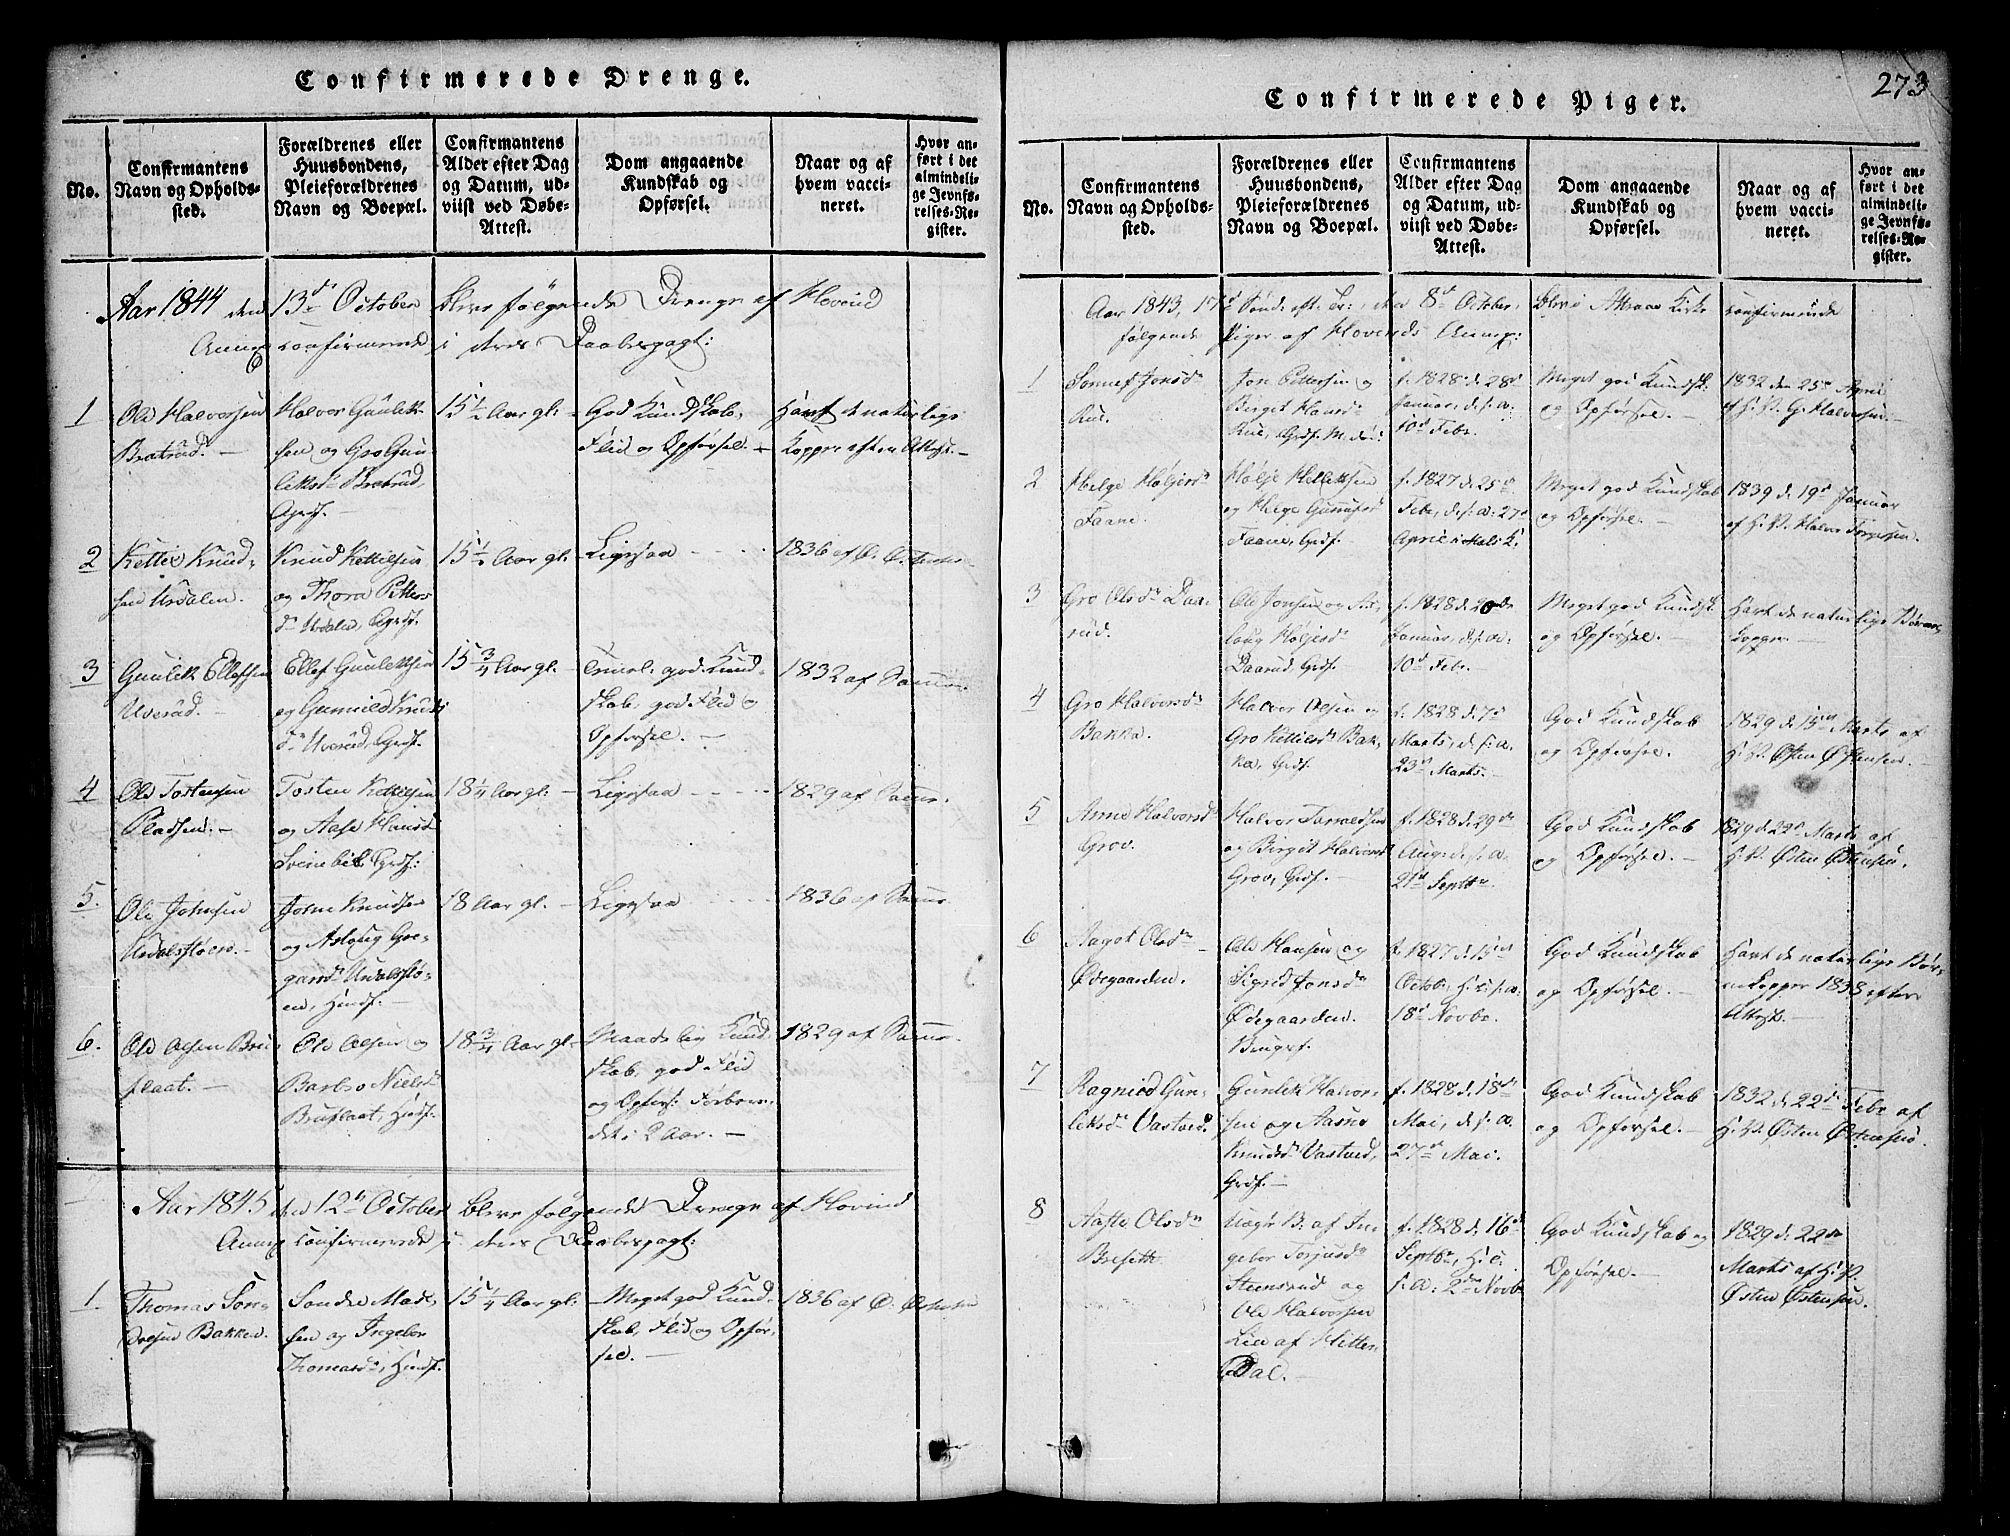 SAKO, Gransherad kirkebøker, G/Gb/L0001: Klokkerbok nr. II 1, 1815-1860, s. 273